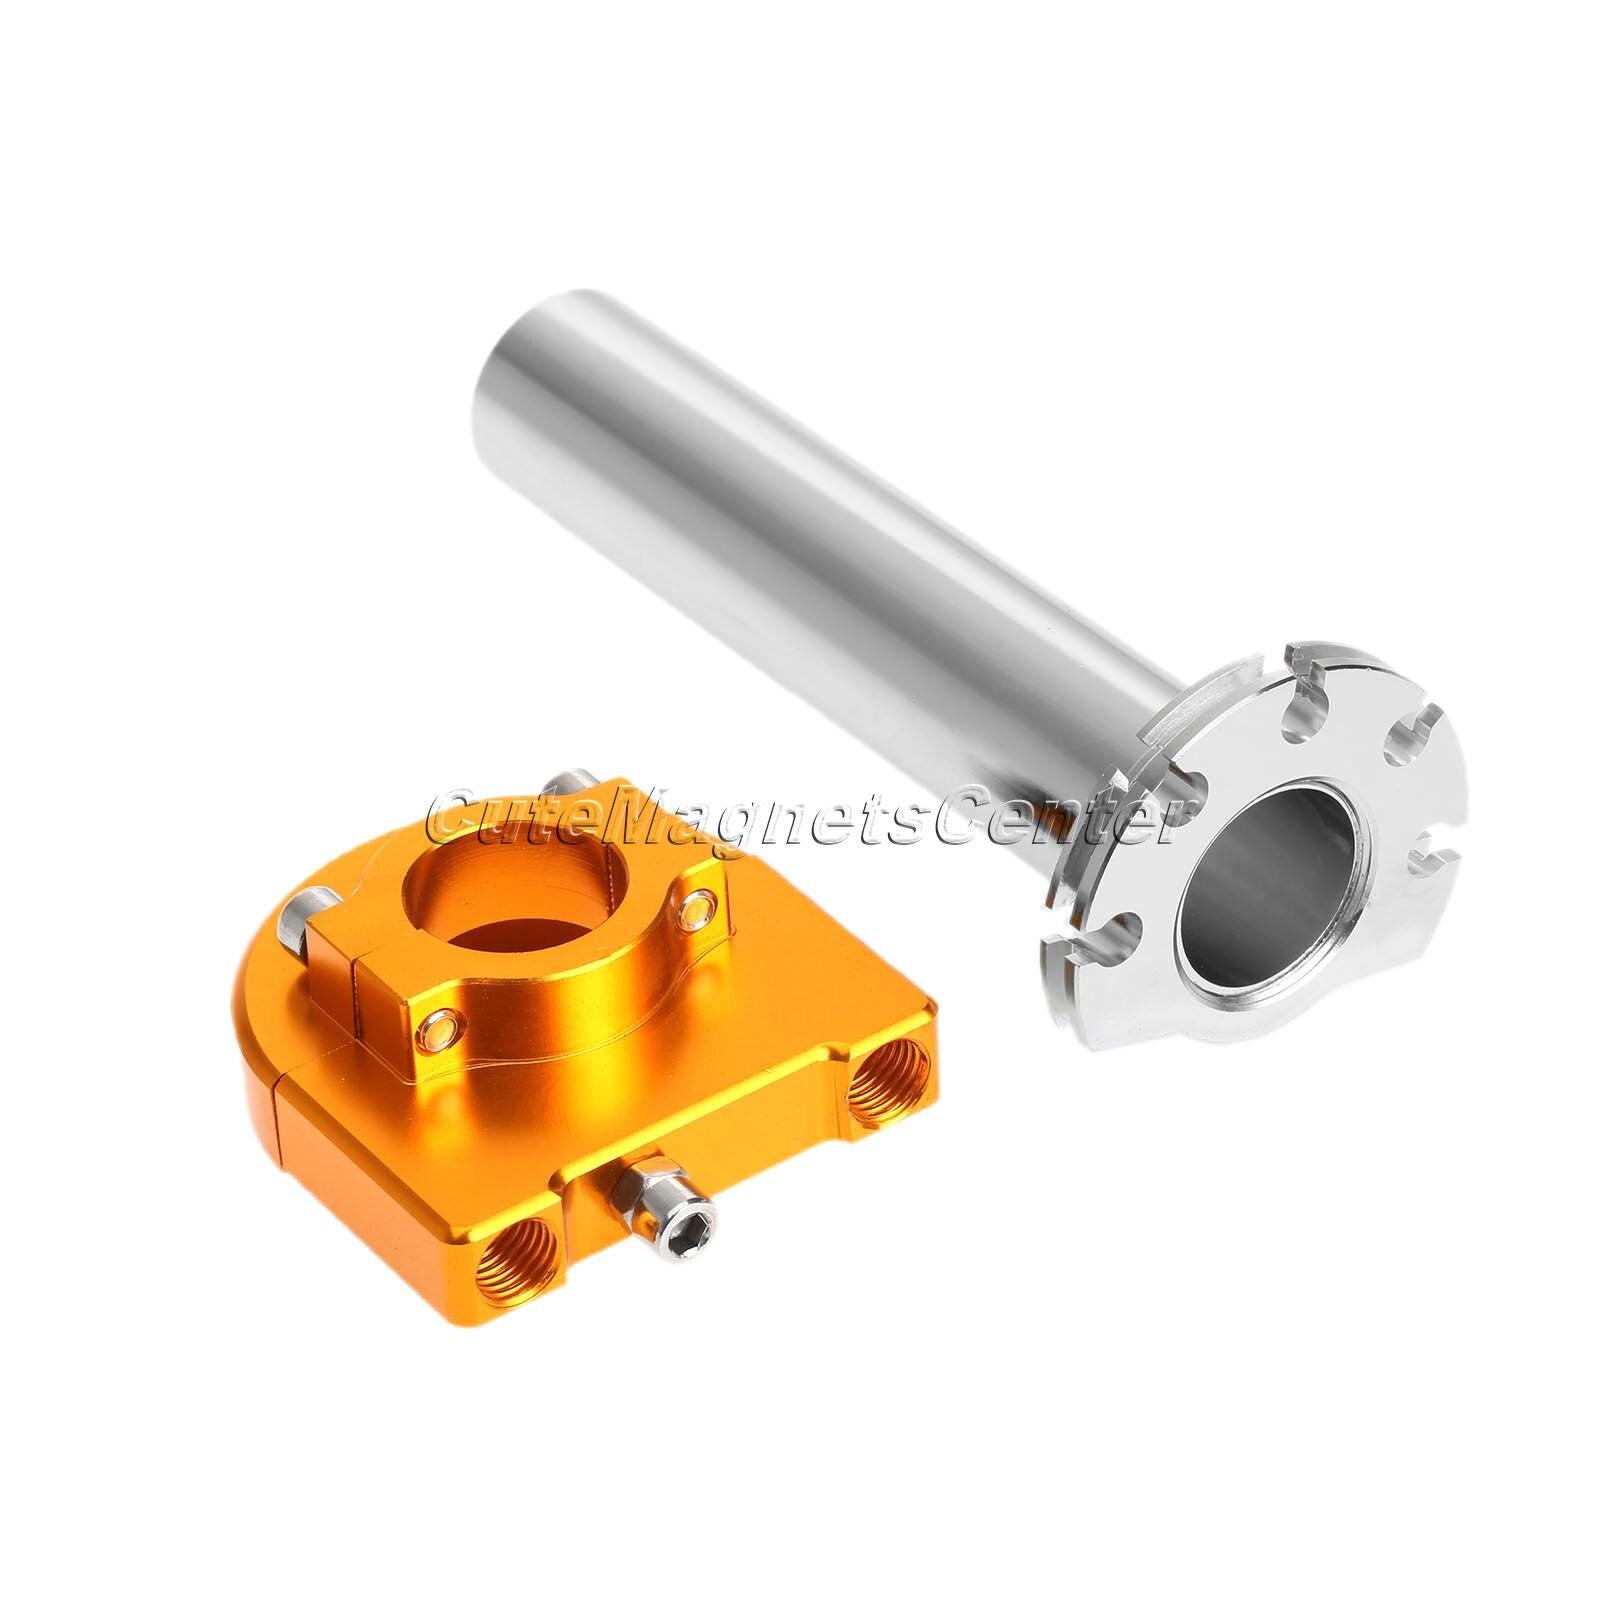 Käepide universaalne CNC alumiinium 7/8-tolline 22mm käepide - Mootorrataste tarvikud ja osad - Foto 5